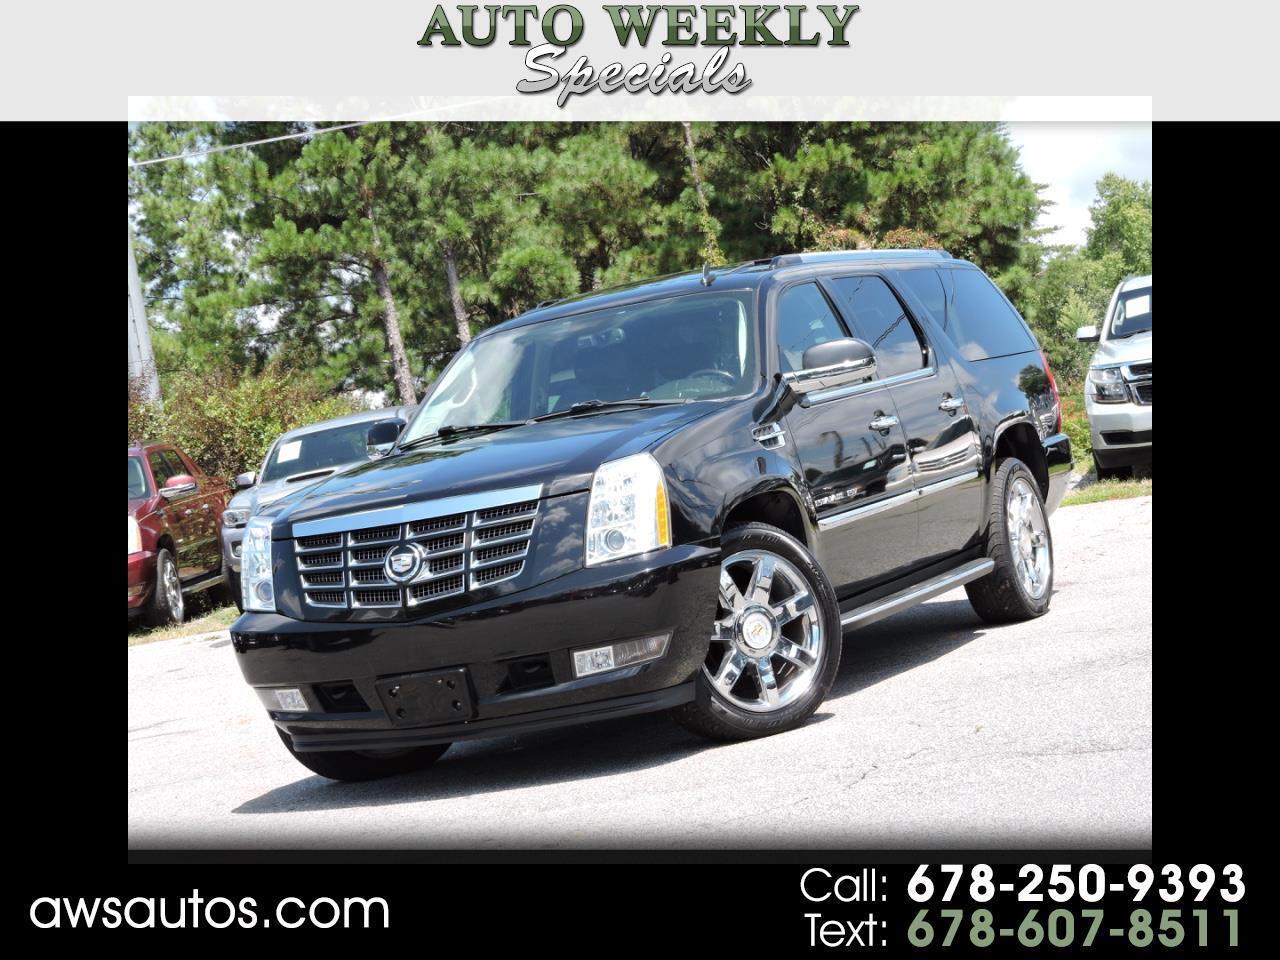 2010 Cadillac Escalade ESV AWD 4dr Luxury